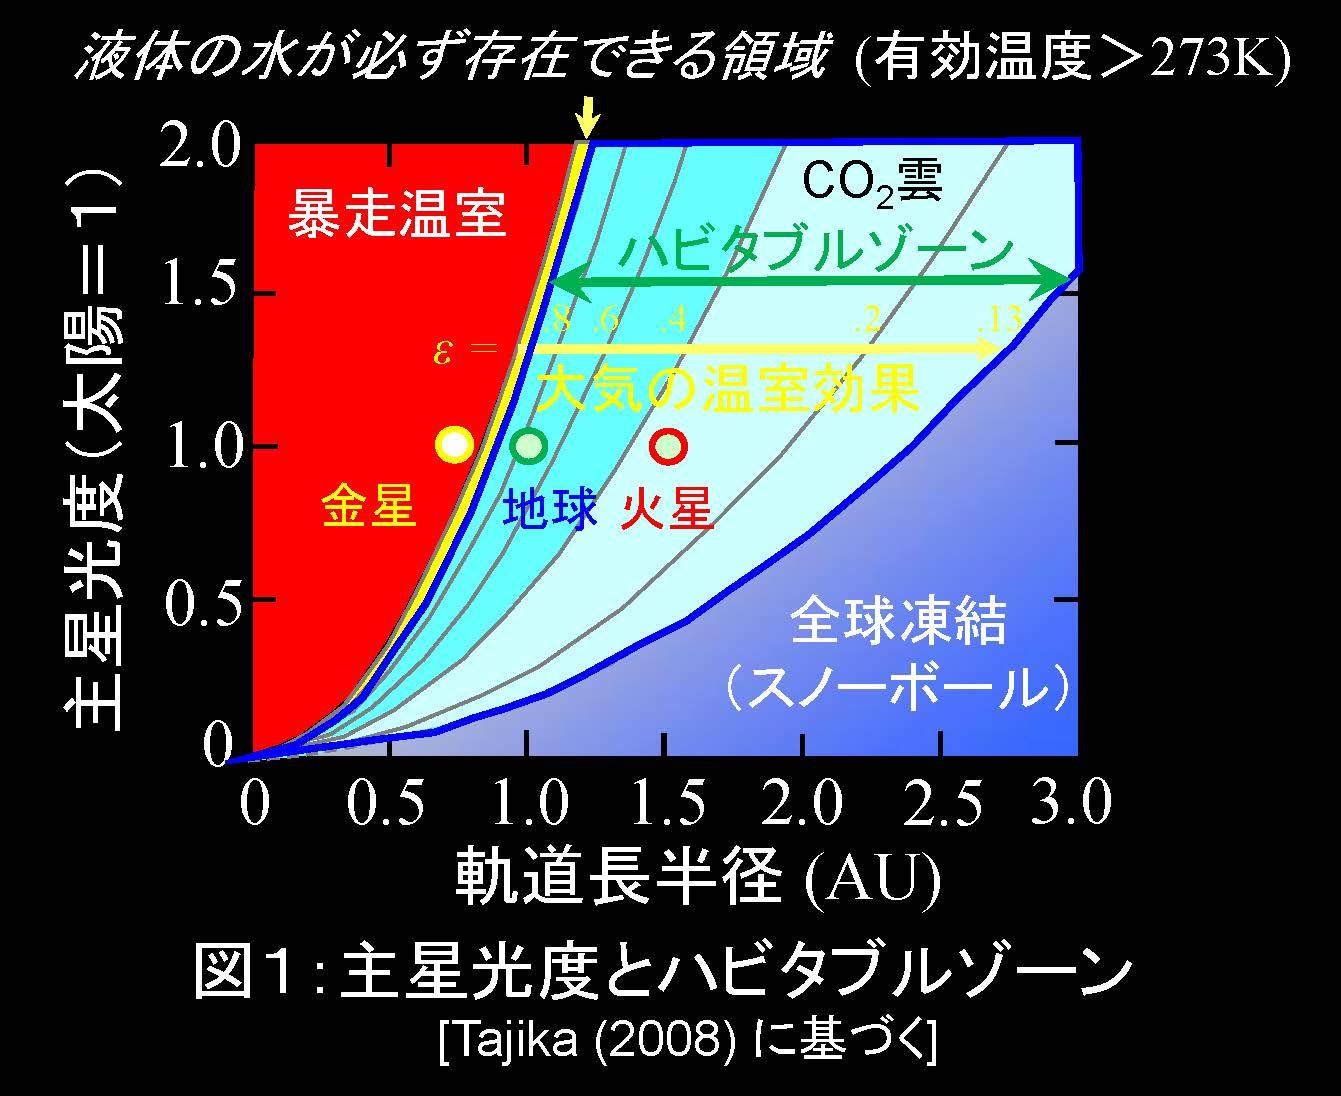 田近研究室 » 太陽系外における...